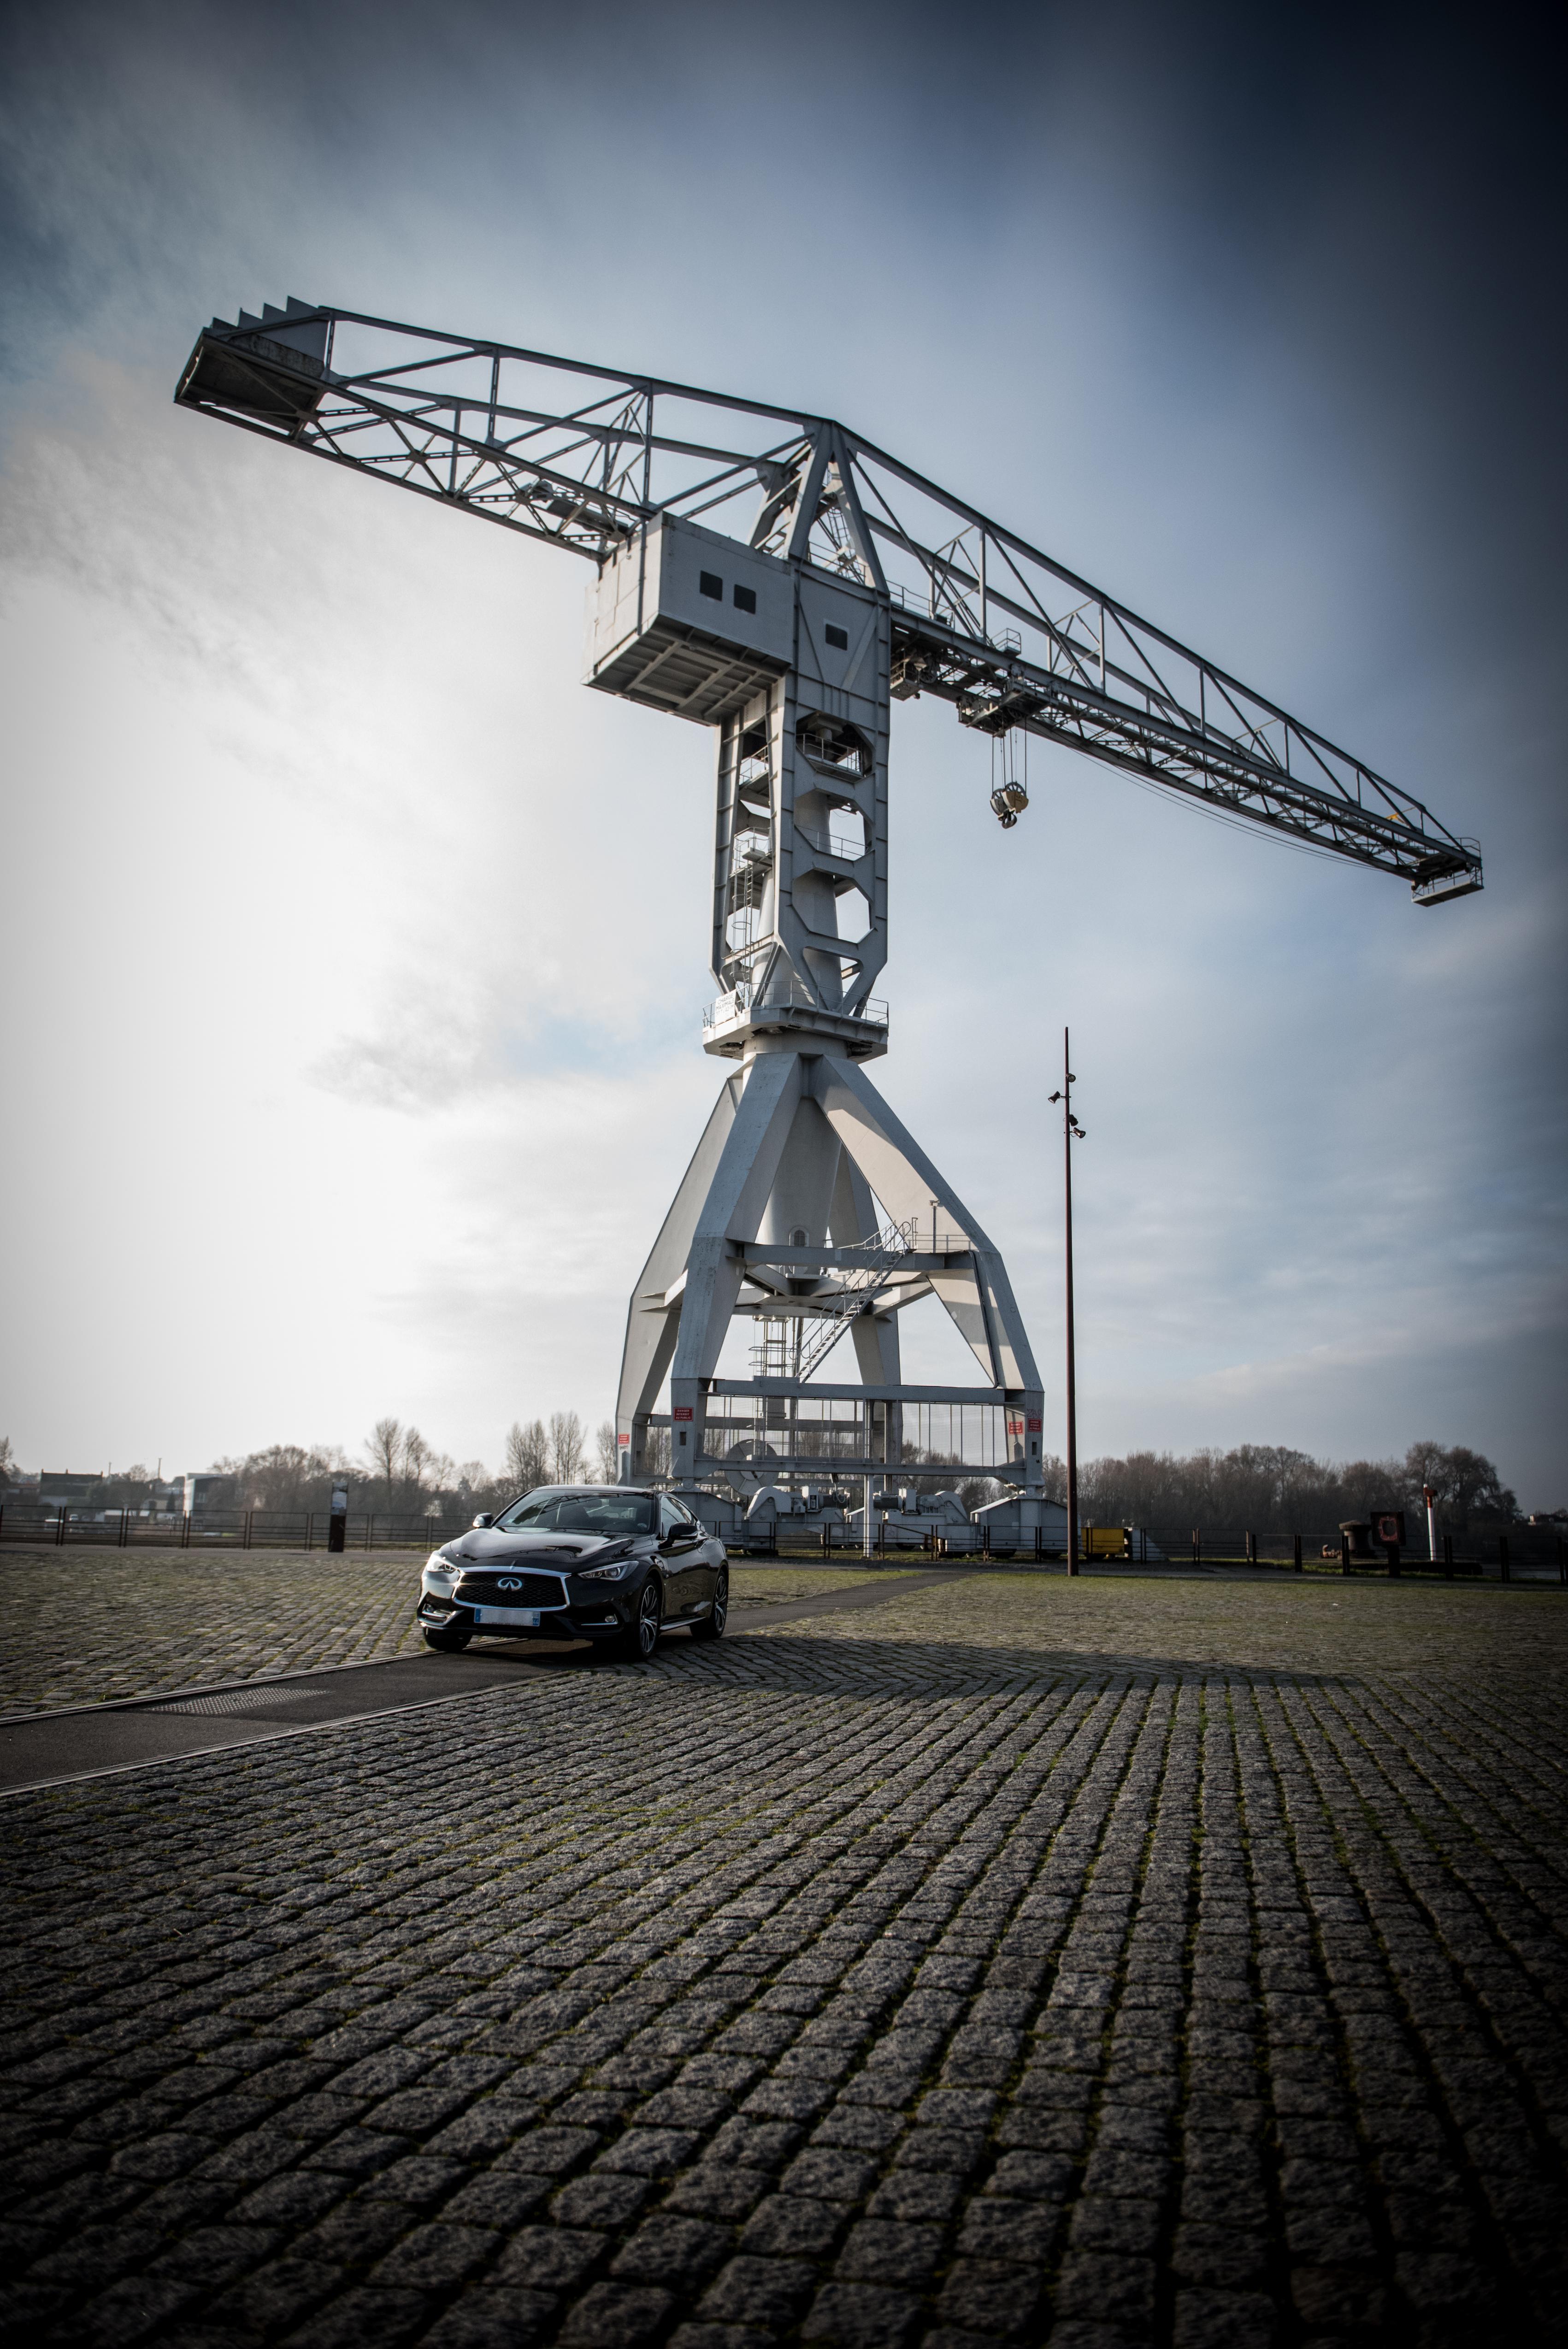 mise en scene photo publicitaire automobile